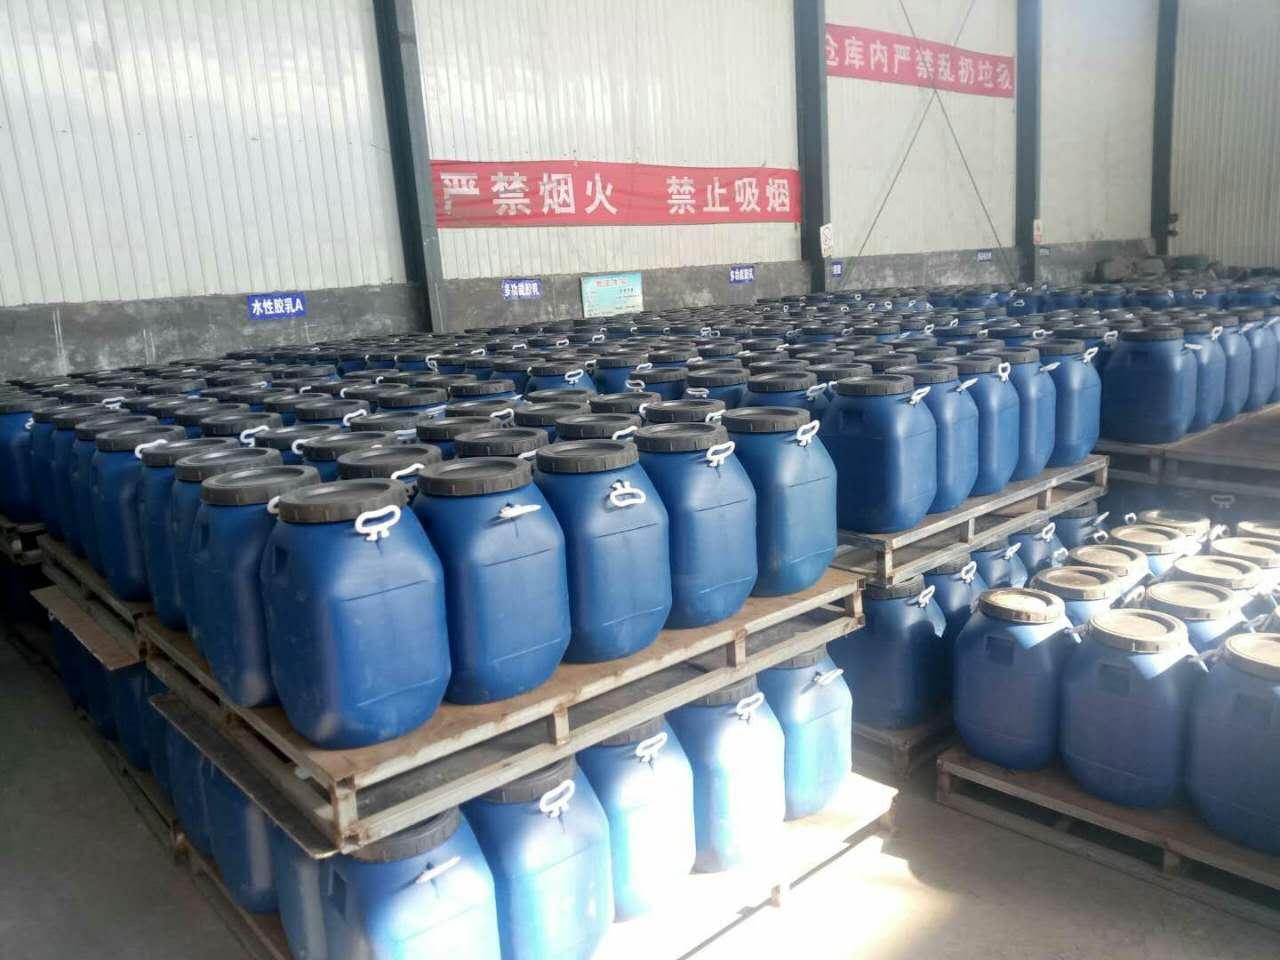 水性粘合剂厂家_铁兄弟新材料供应新品丙烯酸乳液